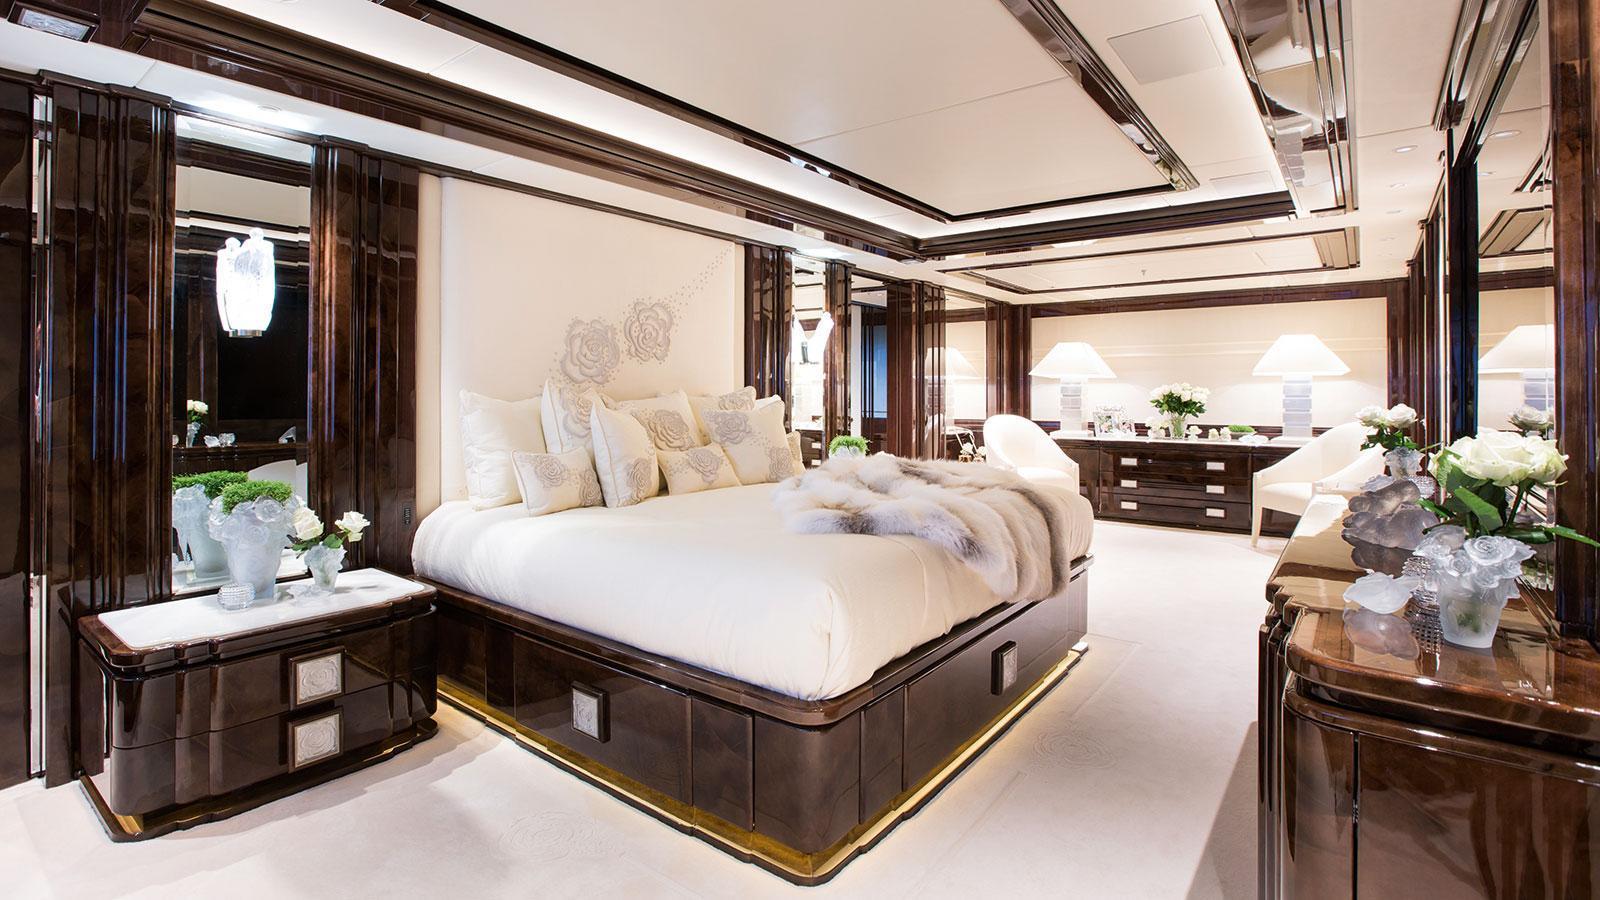 illusion-v-motor-yacht-benetti-2014-58m-master-cabin